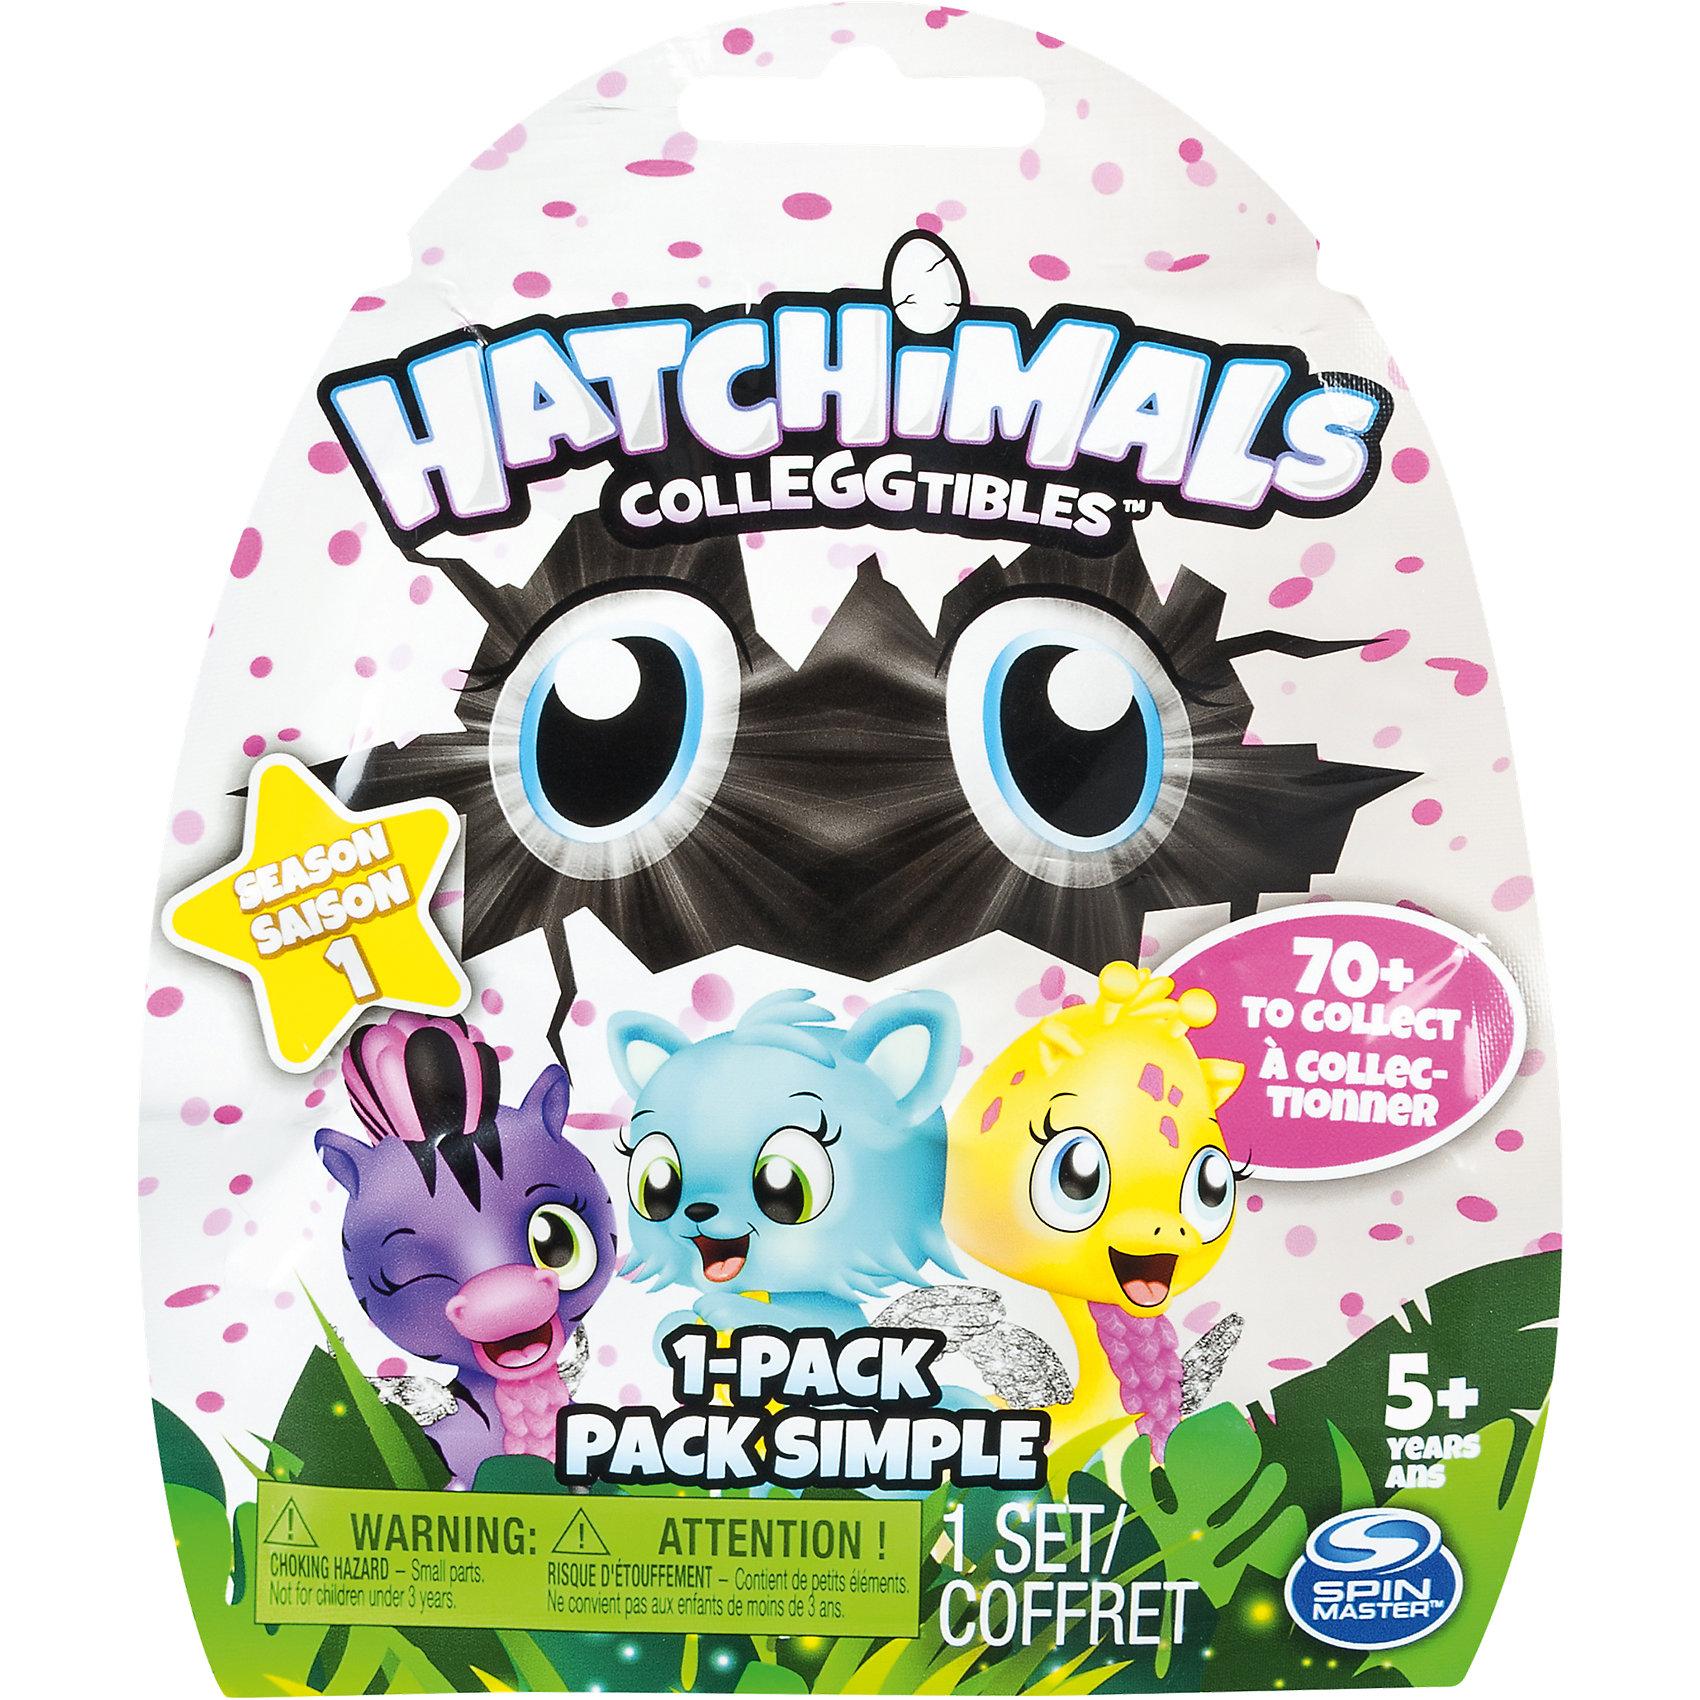 Коллекционная фигурка, HatchimalsМир животных<br>Характеристики товара:<br><br>• возраст: от 5 лет;<br>• материал: пластик;<br>• в комплекте: яйцо, фигурка, памятка;<br>• высота фигурки: 3,5 см;<br>• высота яйца: 4,2 см;<br>• размер упаковки: 11х15х4 см;<br>• вес упаковки: 25 гр.;<br>• страна производитель: Китай.<br><br>Коллекционная фигурка Hatchimals — забавный питомец, спрятанный в фиолетовой скорлупе с крапинками. Он ждет момента, когда же он наконец сможет вылупиться. <br><br>На скорлупе имеется фиолетовое сердечко, которое надо потереть, чтобы питомец вылупился из скорлупы. Сердечко меняет свой цвет на розовый, когда питомец уже готов появиться на свет. Надо только помочь ему и потянуть верхнюю часть скорлупы.<br><br>Игрушка упакована в непрозрачный пакет, и какой именно питомец достанется ребенку, будет для него сюрпризом. В коллекции более 70 зверьков. Памятка поможет ребенку разобраться во всей коллекции, категориях. В нее можно заносить информацию об уже имеющемся зверьке.<br><br>Коллекционную фигурку Hatchimals можно приобрести в нашем интернет-магазине.<br><br>Ширина мм: 149<br>Глубина мм: 116<br>Высота мм: 27<br>Вес г: 20<br>Возраст от месяцев: 36<br>Возраст до месяцев: 84<br>Пол: Унисекс<br>Возраст: Детский<br>SKU: 5149639